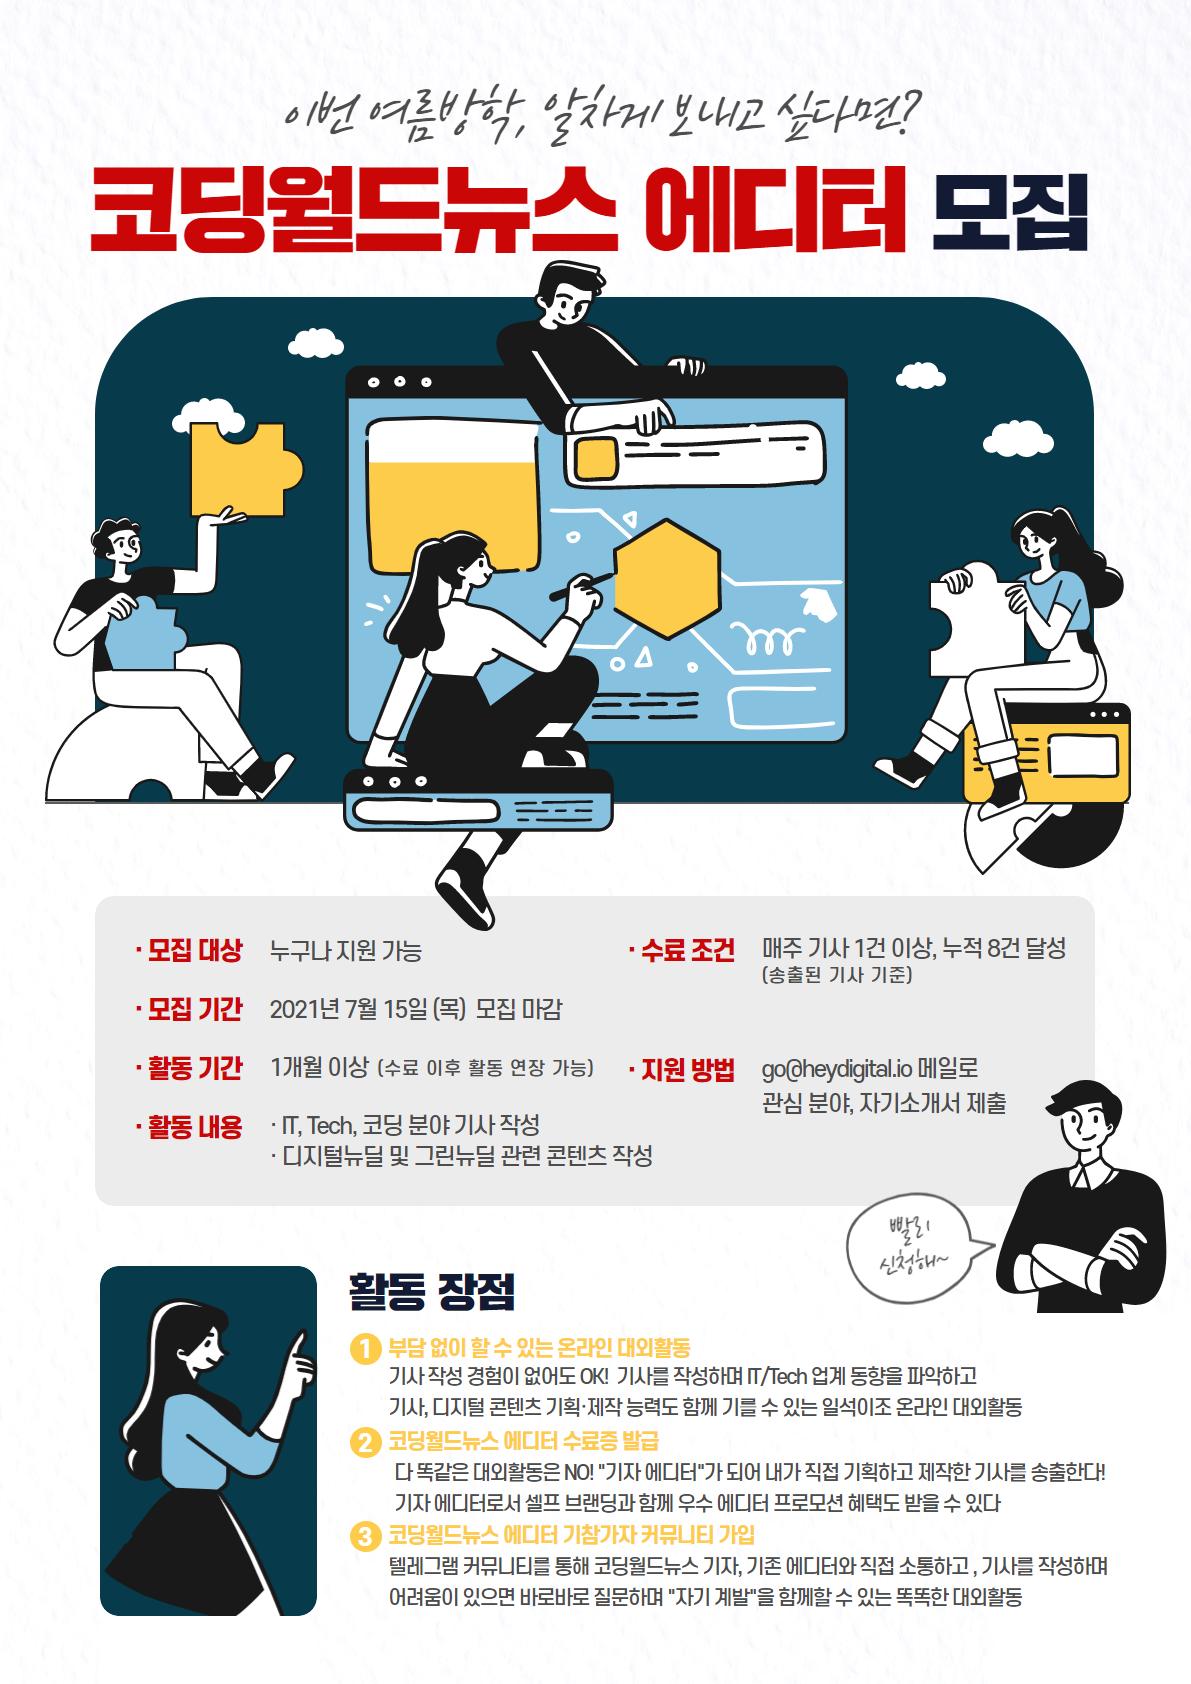 코딩월드뉴스 에디터 모집